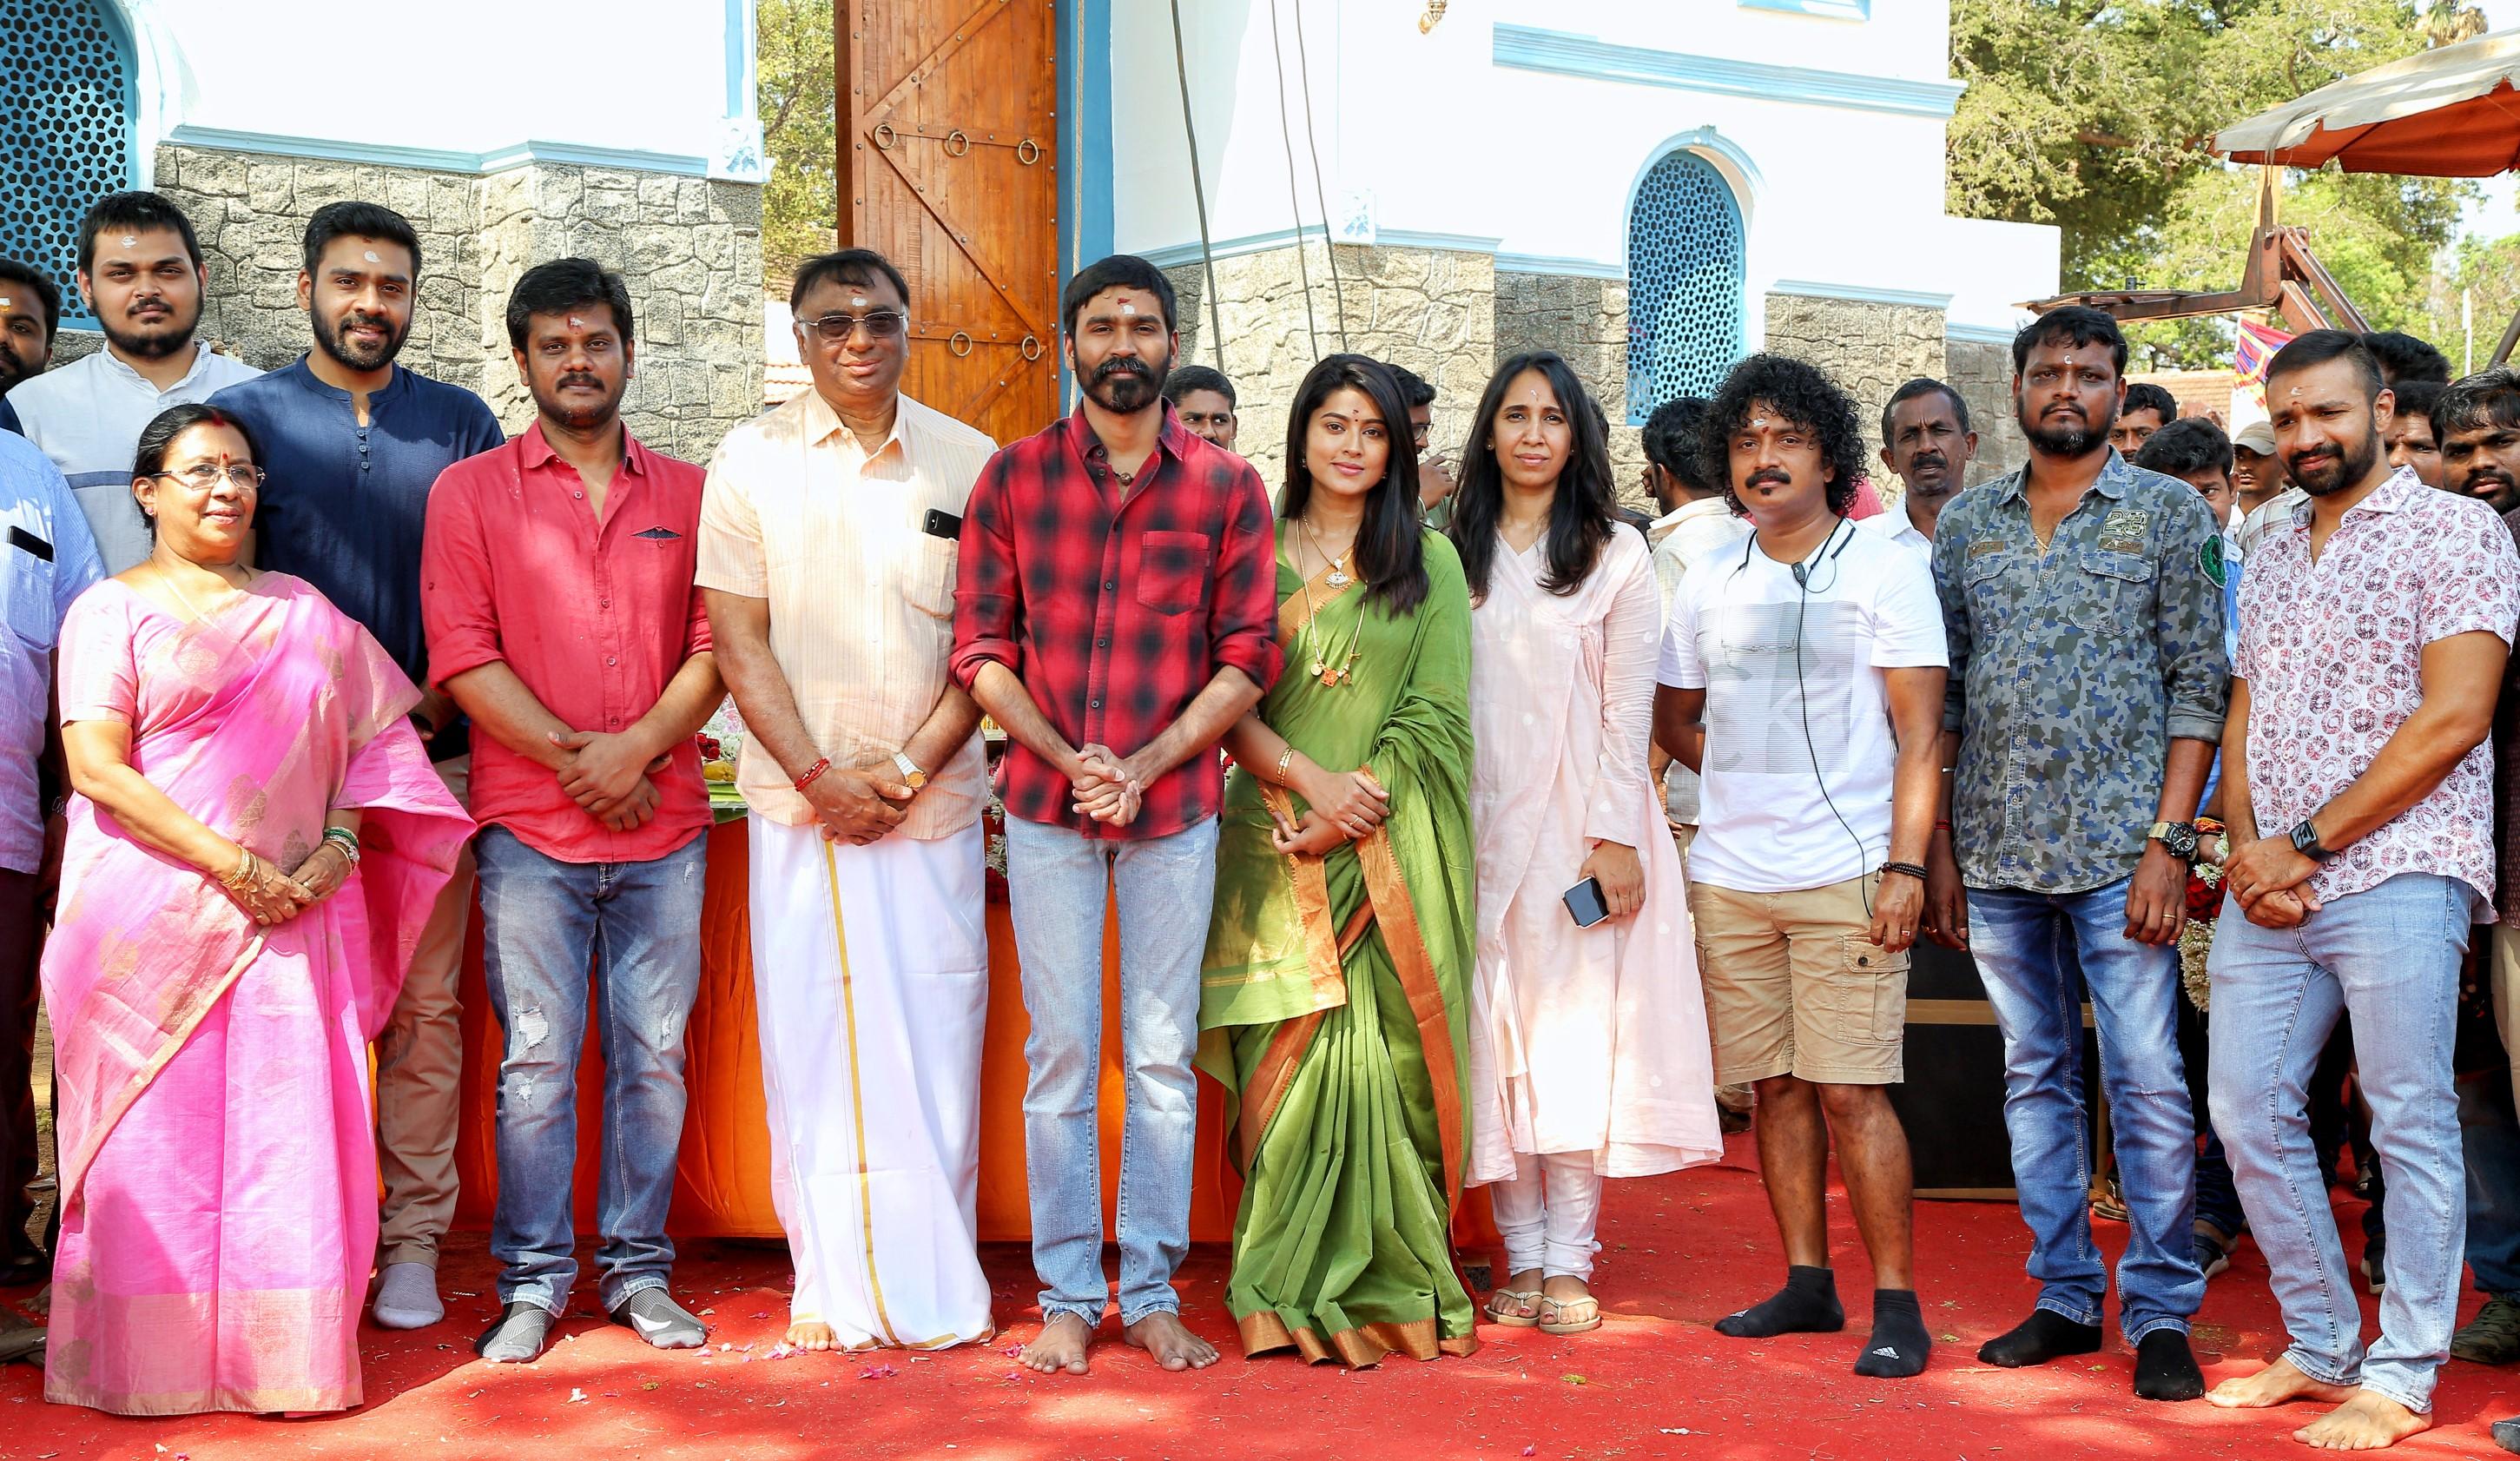 Dhanush, Sneha @ Sathya Jyothi Production No 34 Movie Pooja Stills